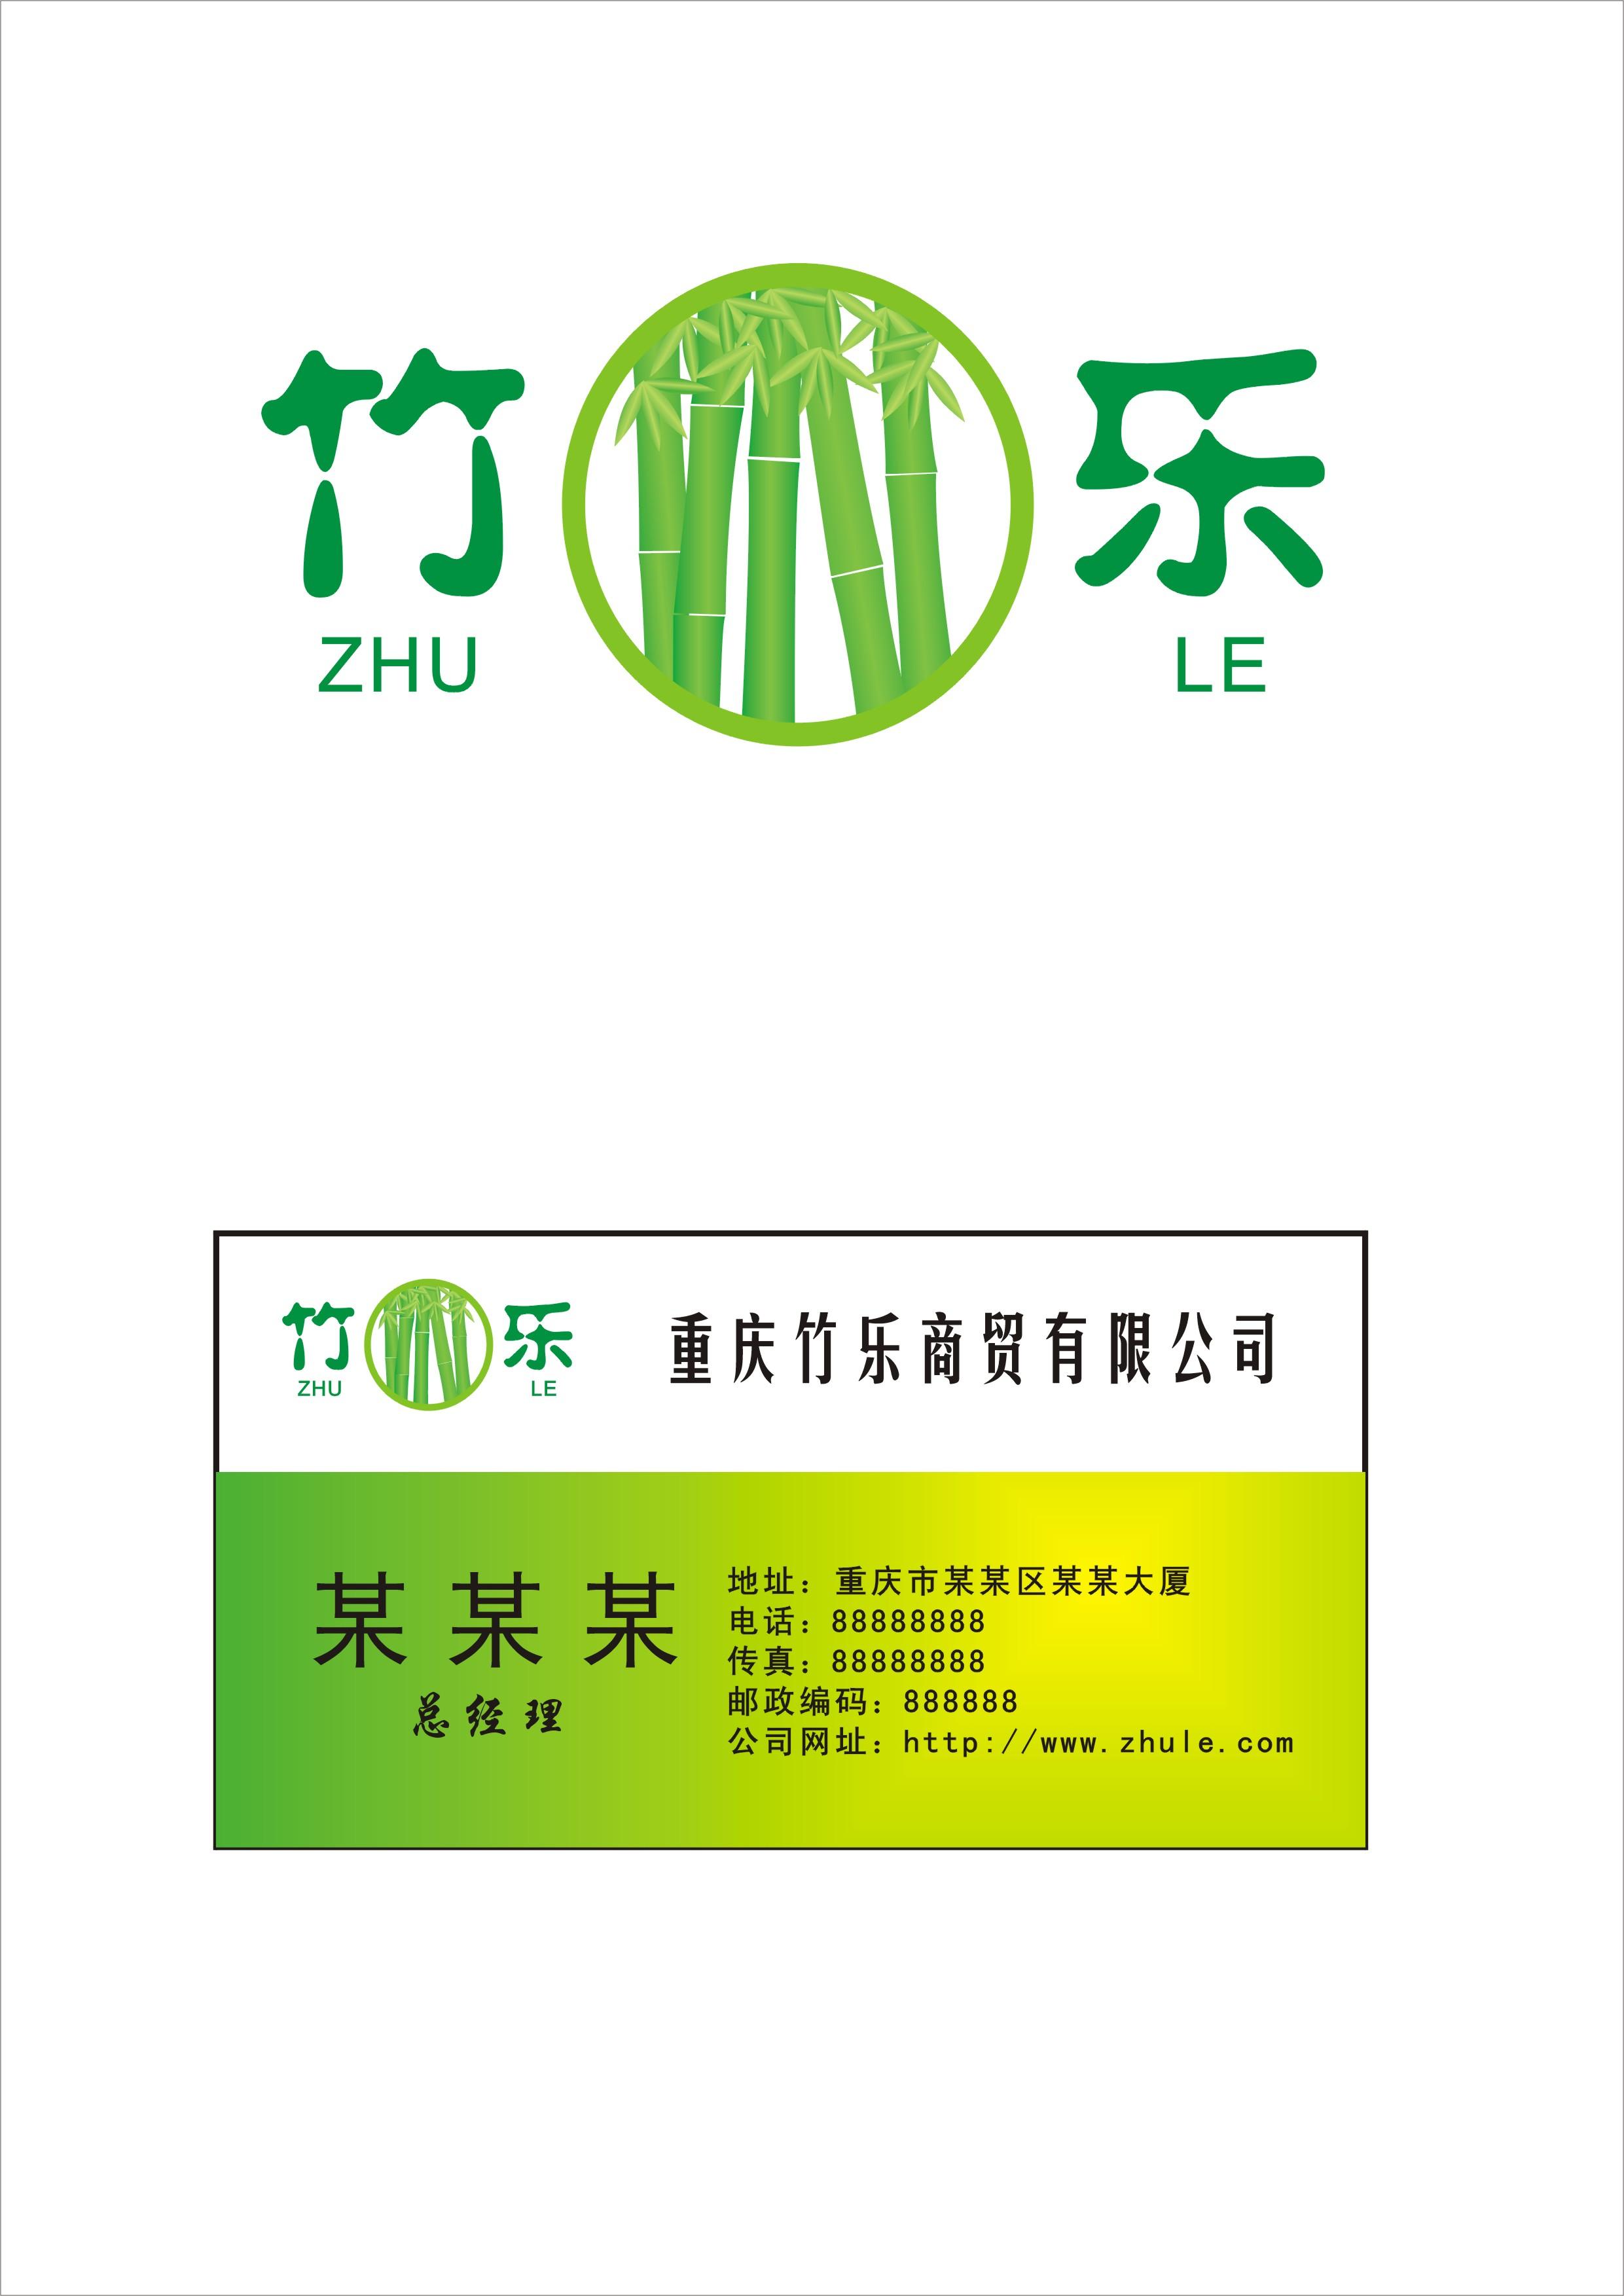 竹乐贸易公司logo及名片信纸设计